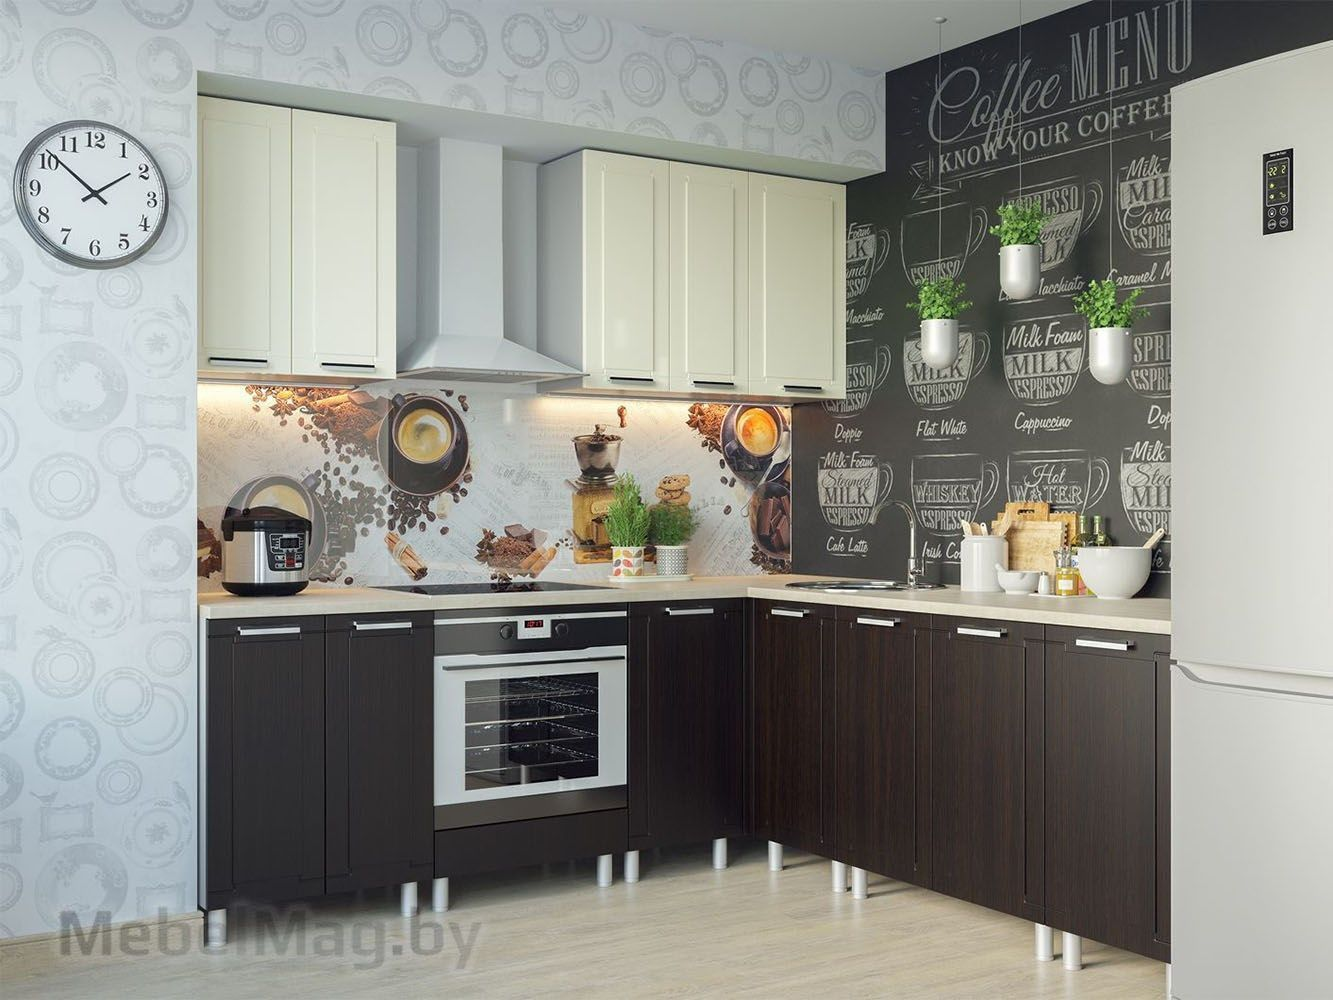 Кухня Геометрия Ваниль - набор 1